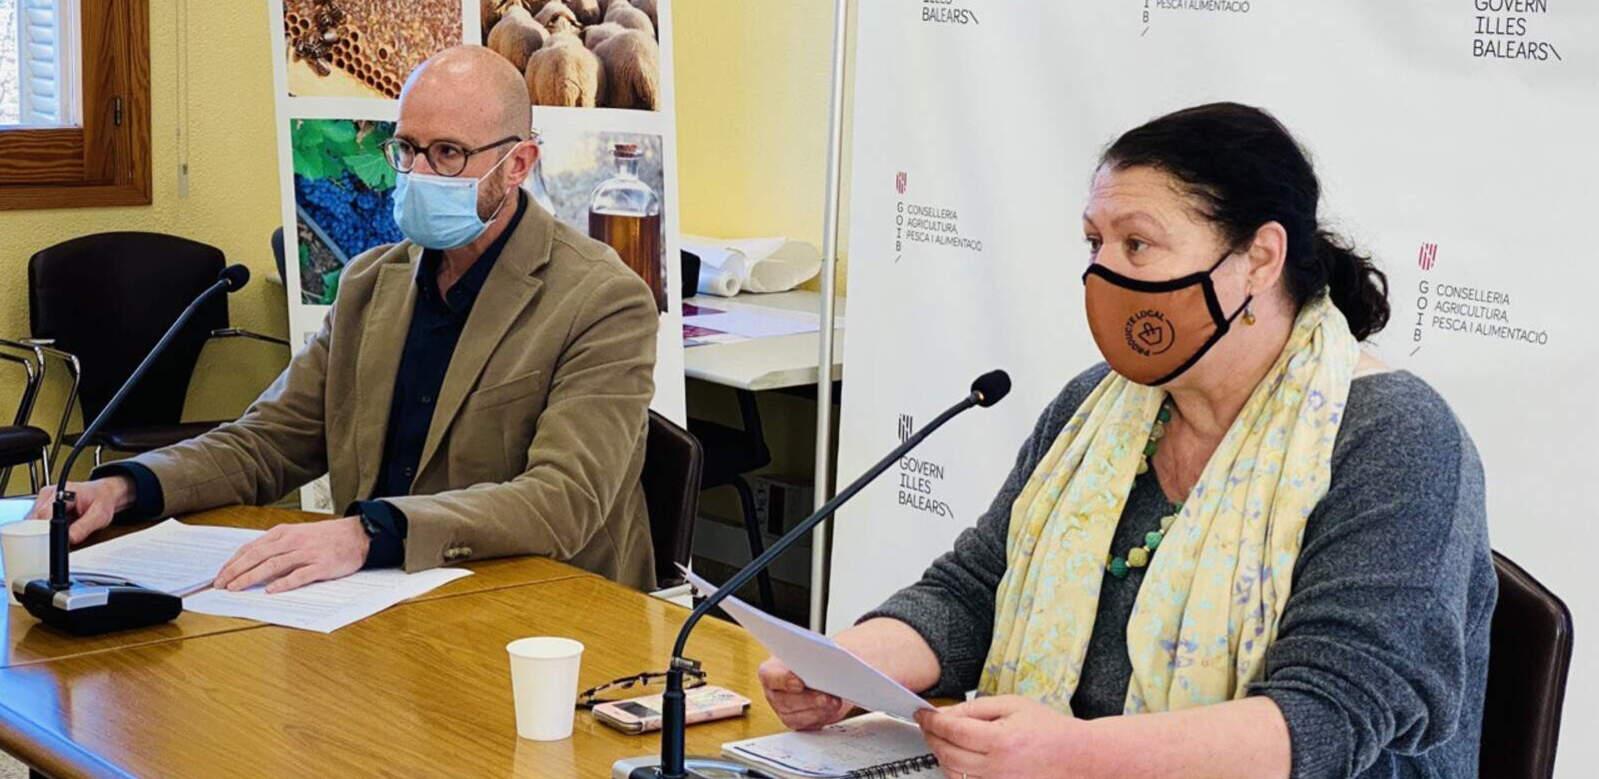 Mae de la Concha vol evitar el tancament forçat de les empreses agroalimentàries a causa de la crisi